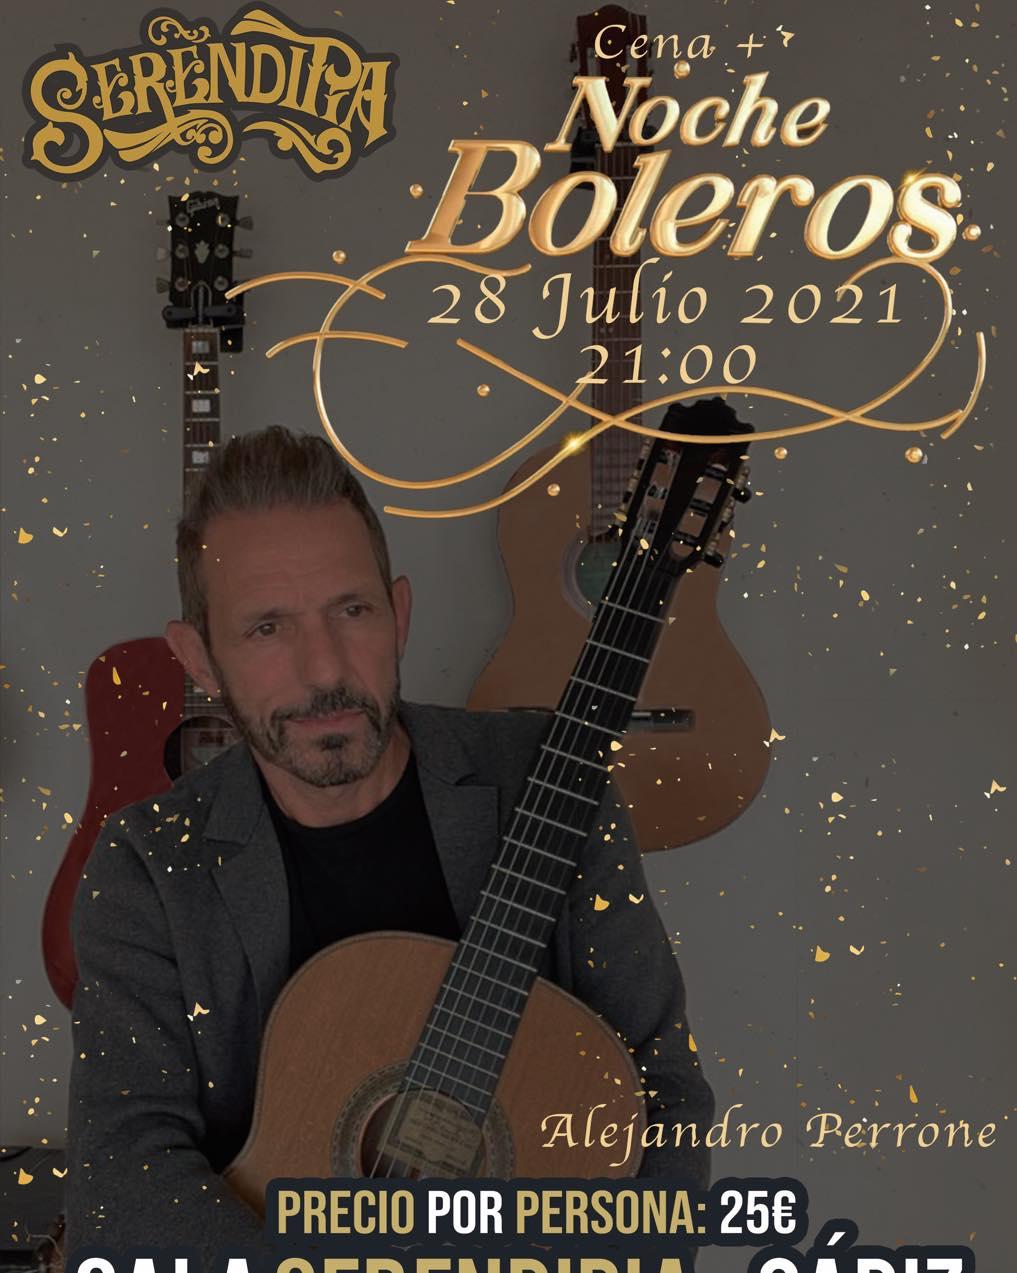 Cena y noche de Boleros con 'Alejandro Perrone' en Sala Serendipia, Cádiz